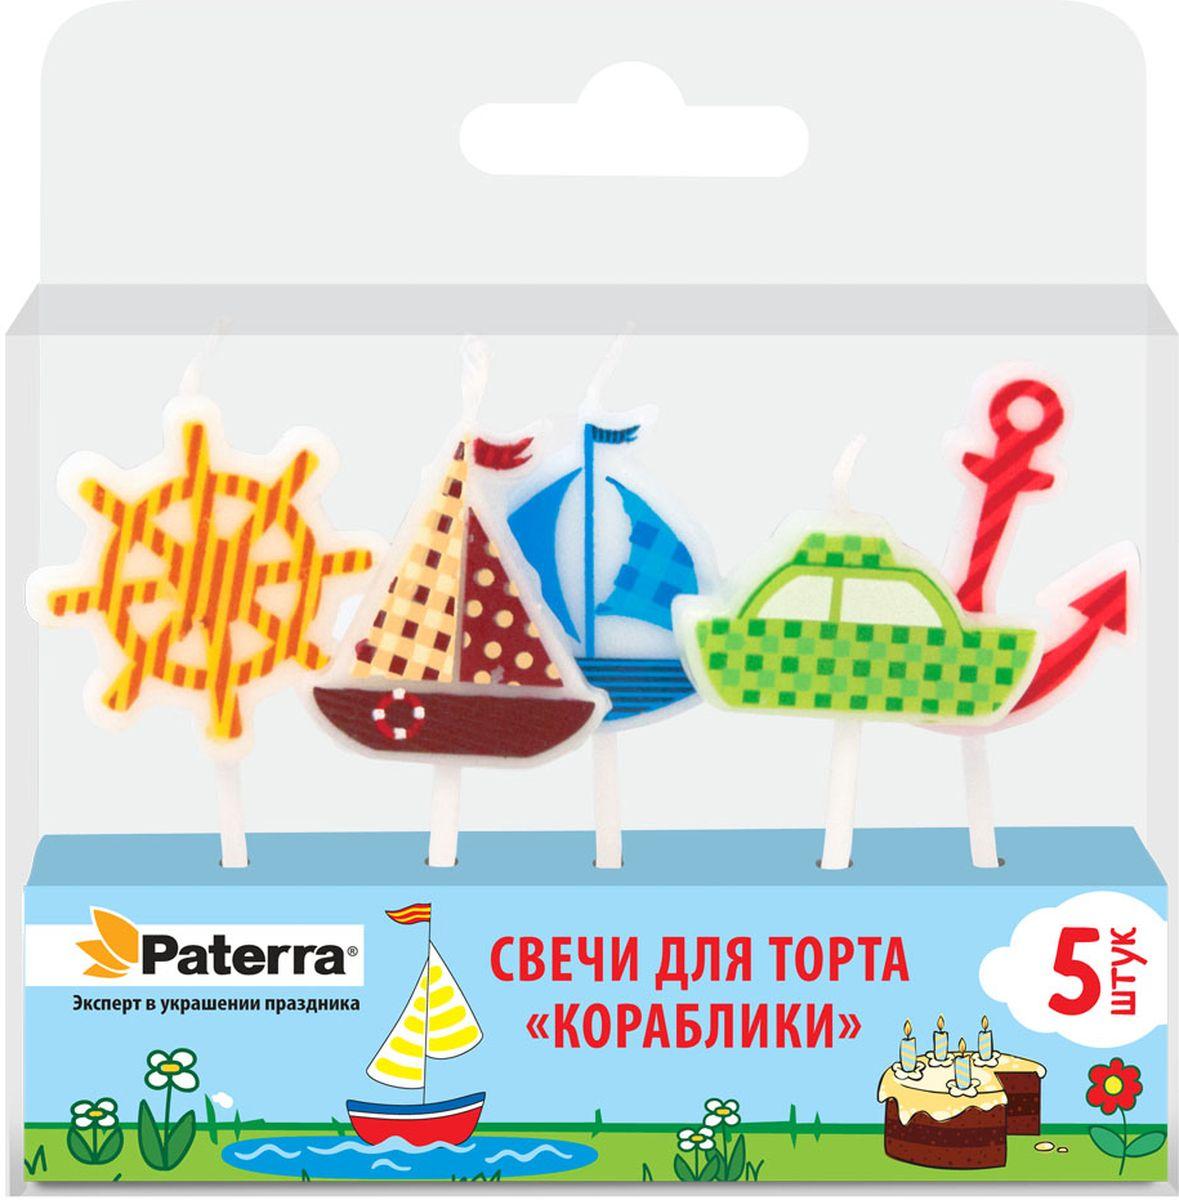 Свечи для торта Paterra Кораблики, высота 11,5 см, 5 шт